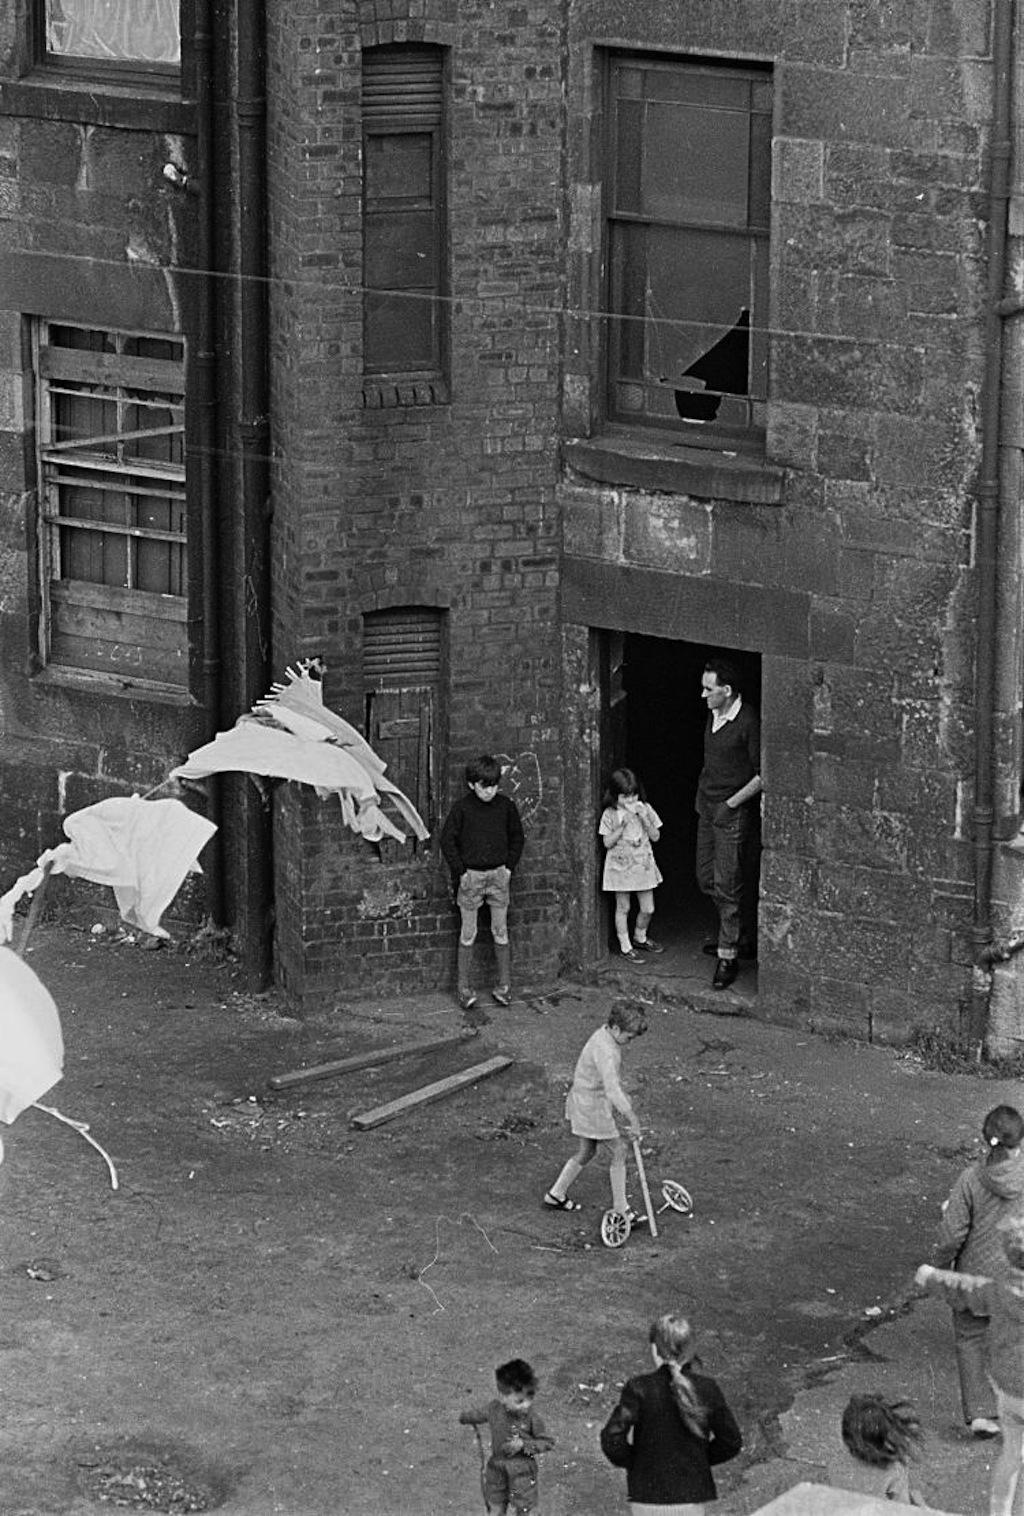 Tenement-backyard-Glasgow-1971-382-25a